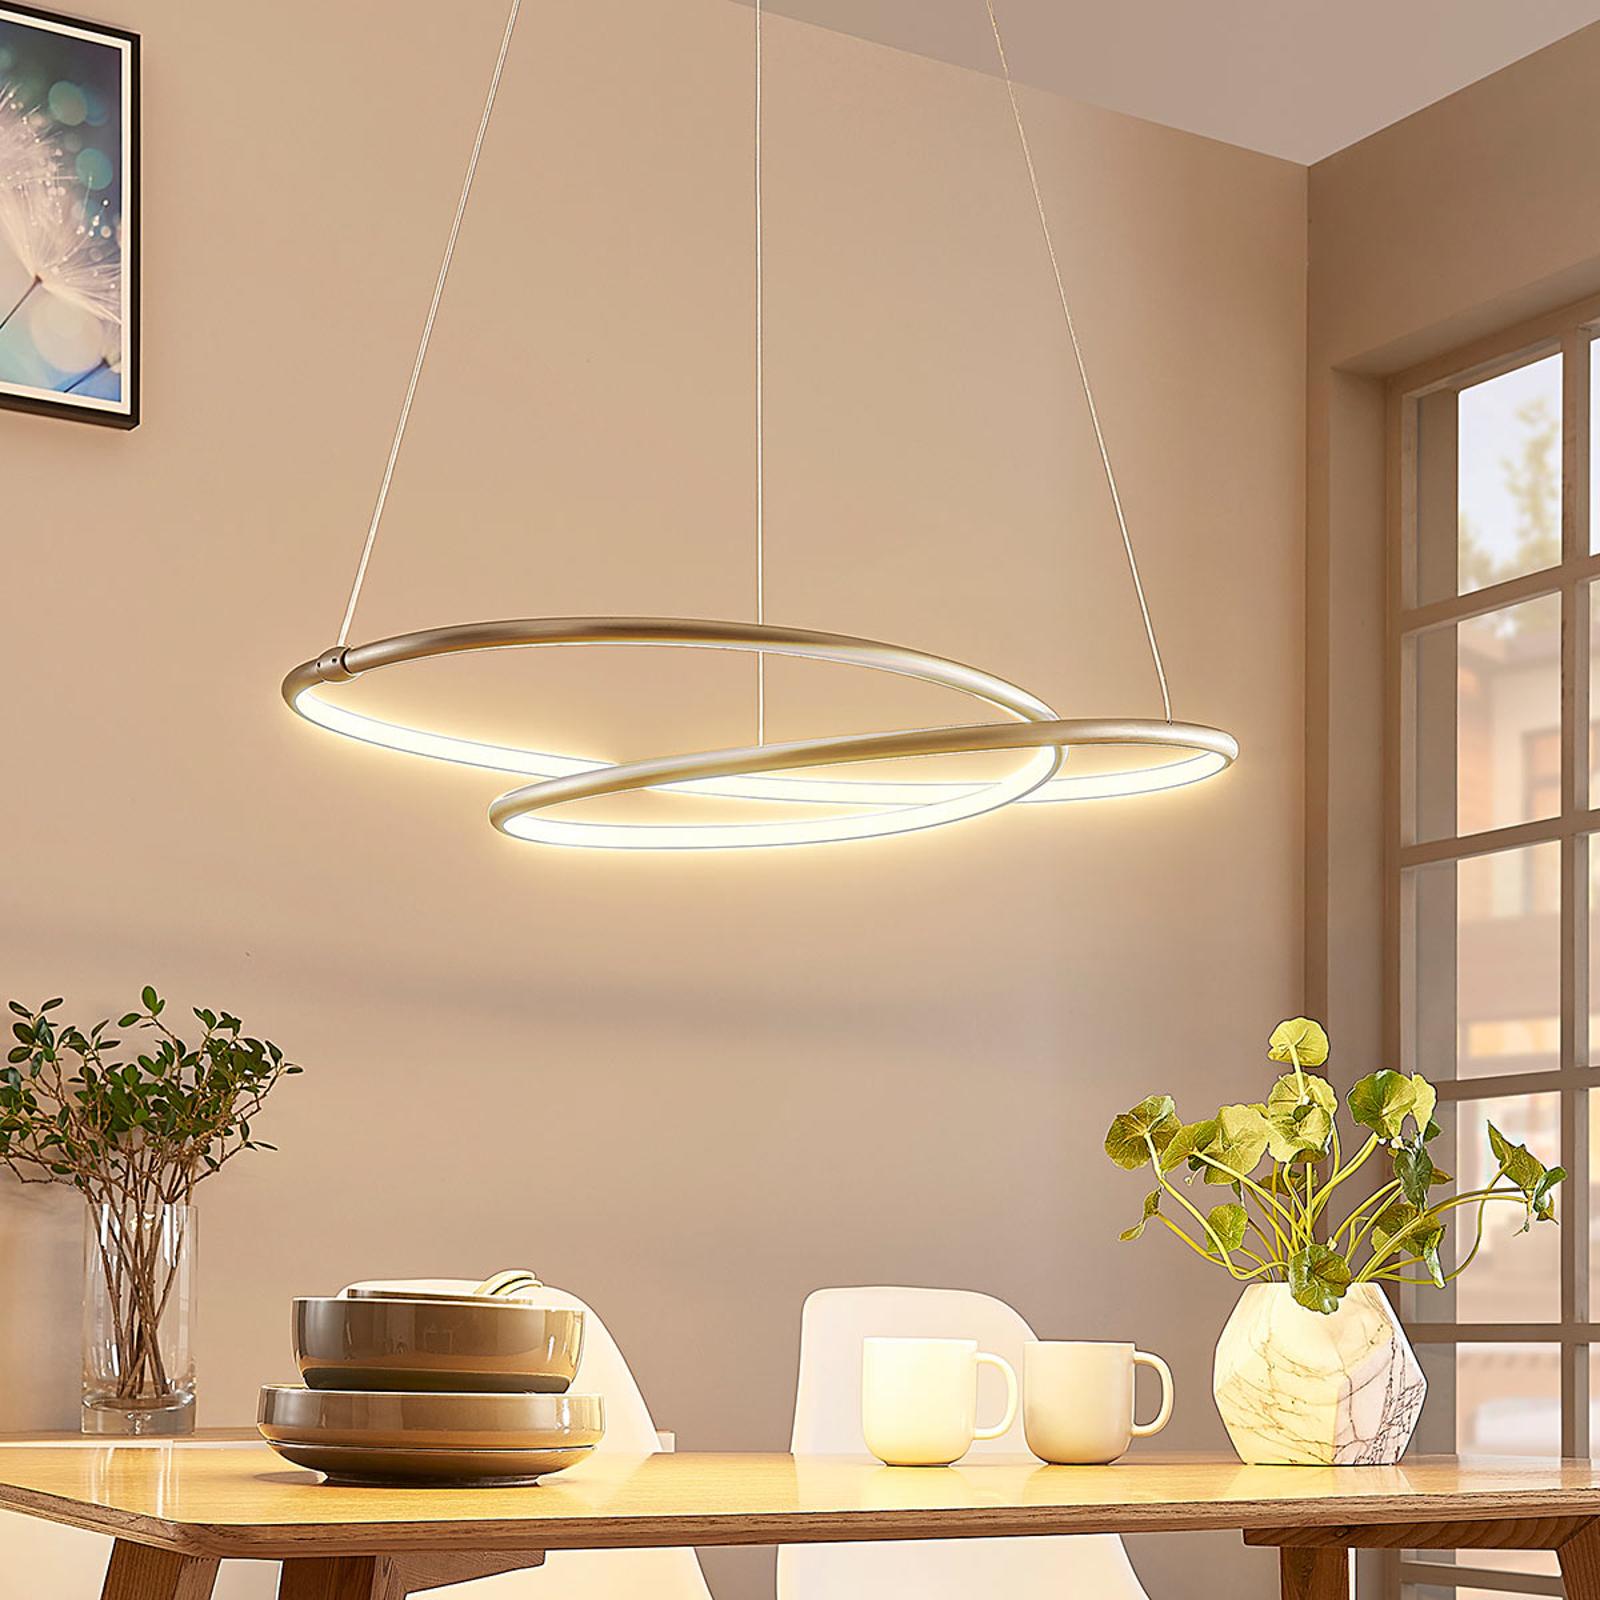 Mirasu - slanke LED hanglamp, nikkel